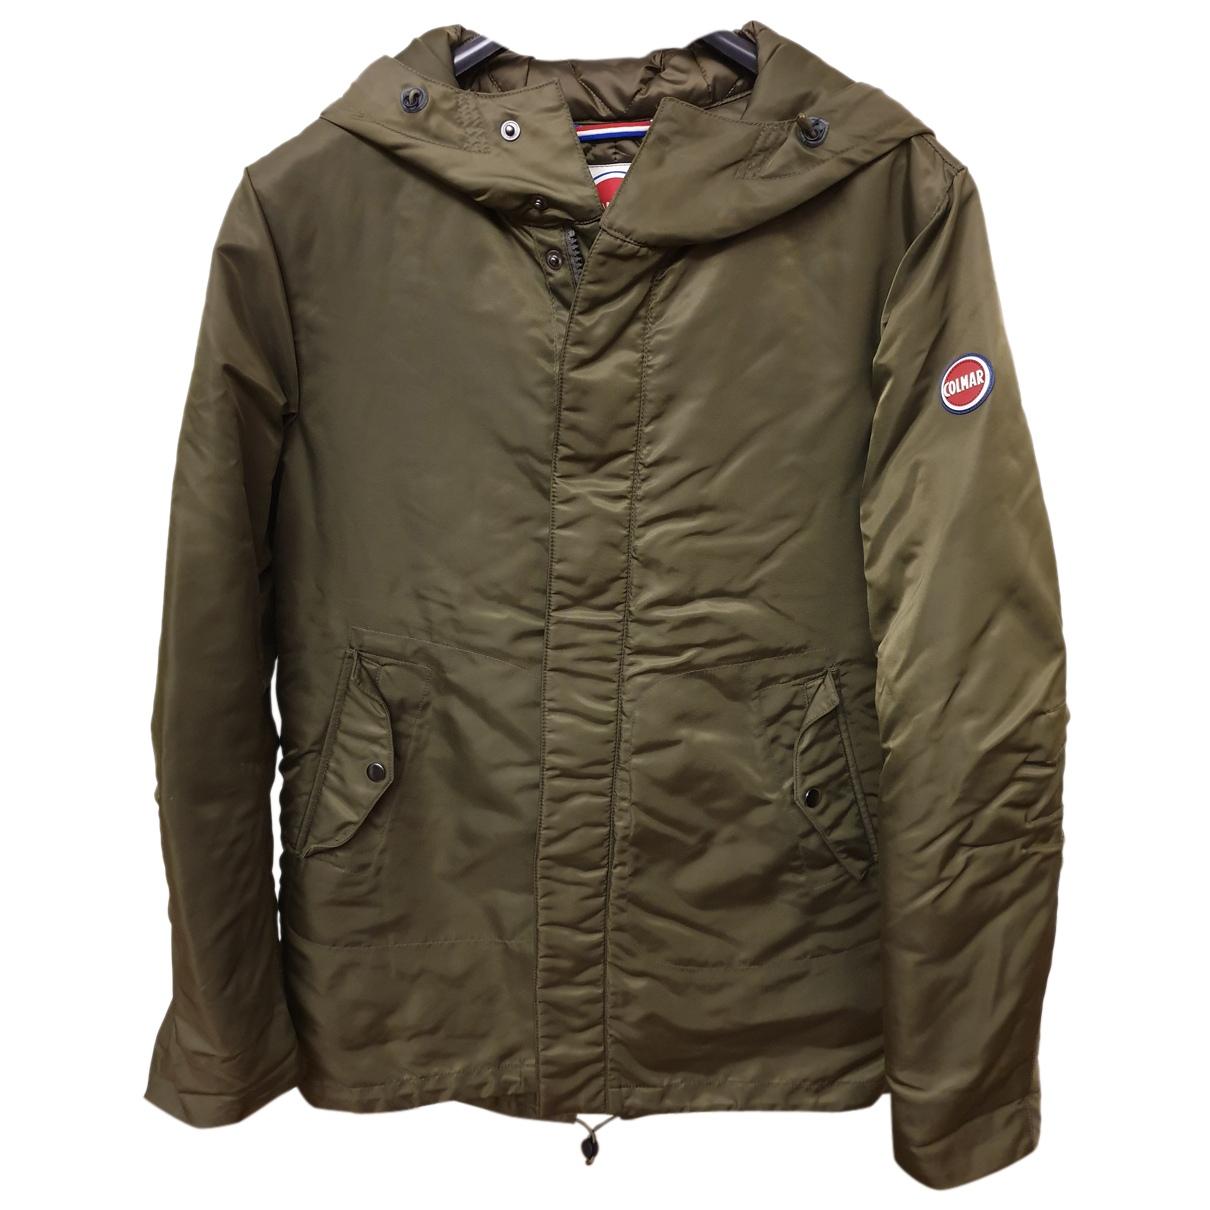 Colmar N Green jacket & coat for Kids 16 years - M UK